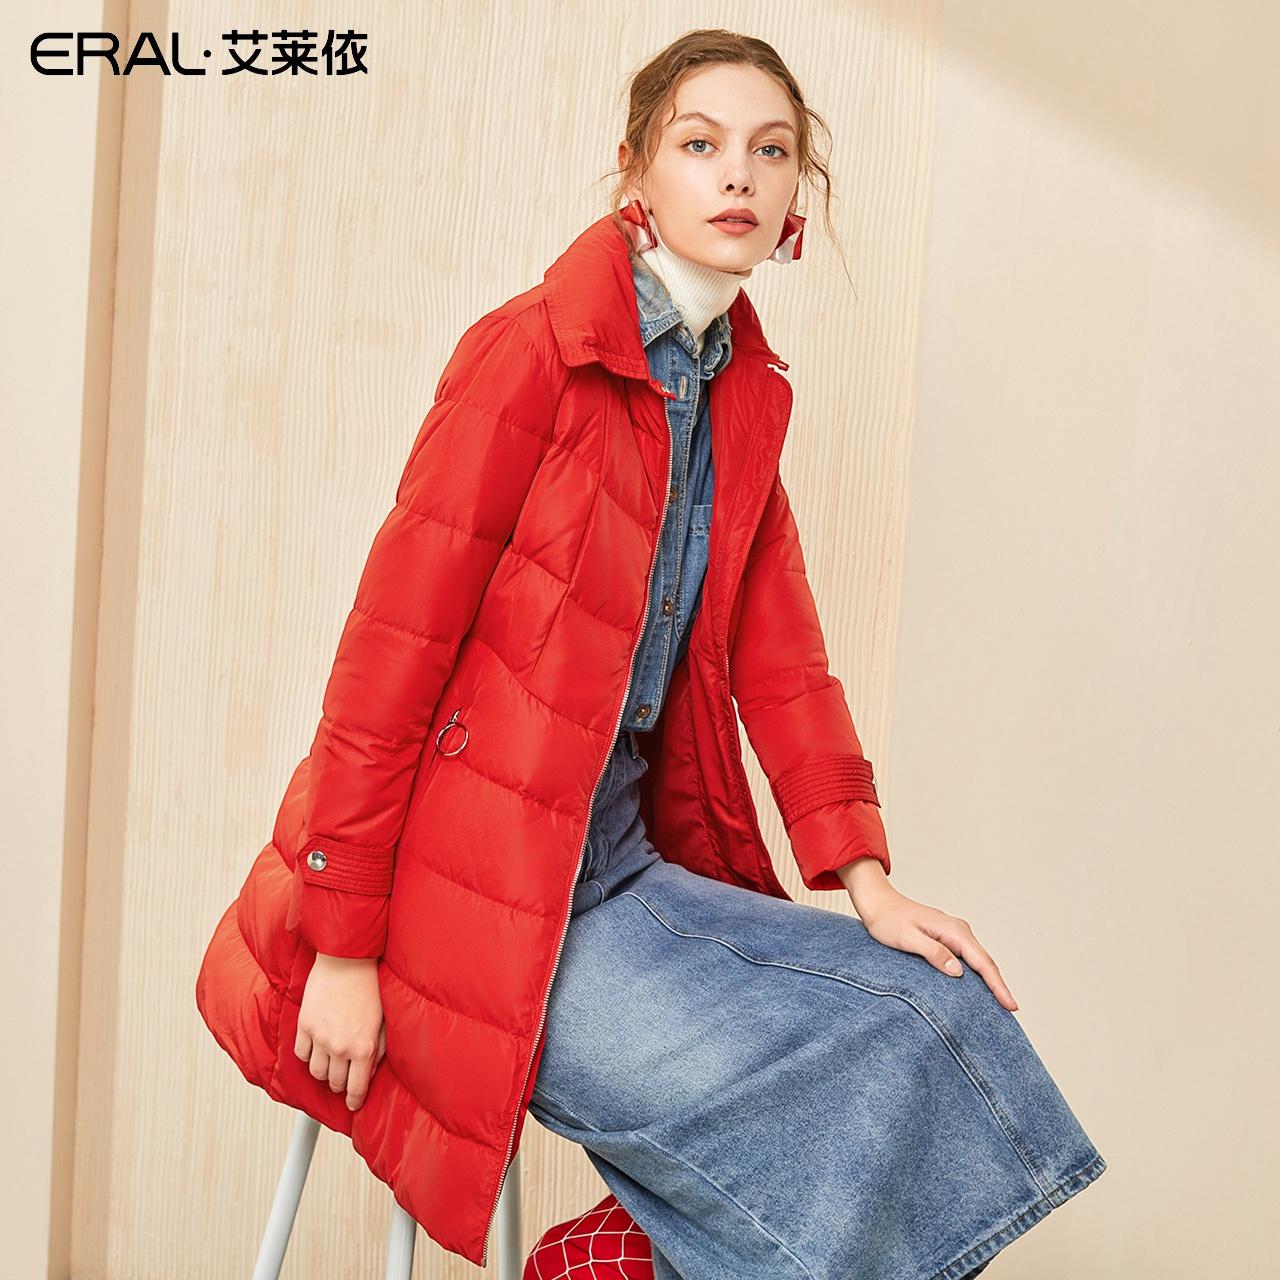 艾莱依2020冬季新款时尚女装羽绒服女中长款修身外套617104123